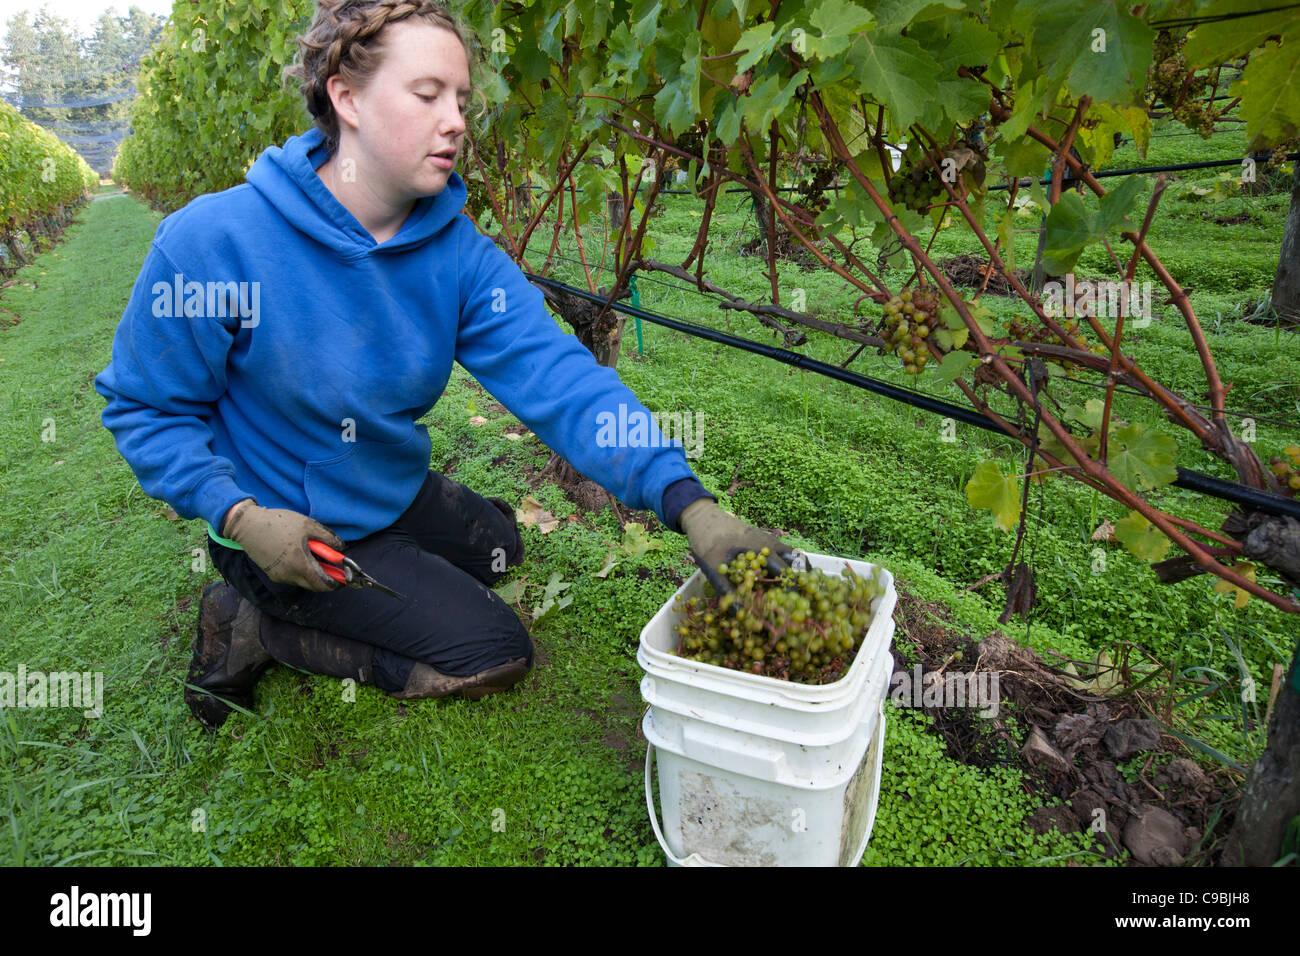 Récolte les raisins pour la production du vin. Photo Stock